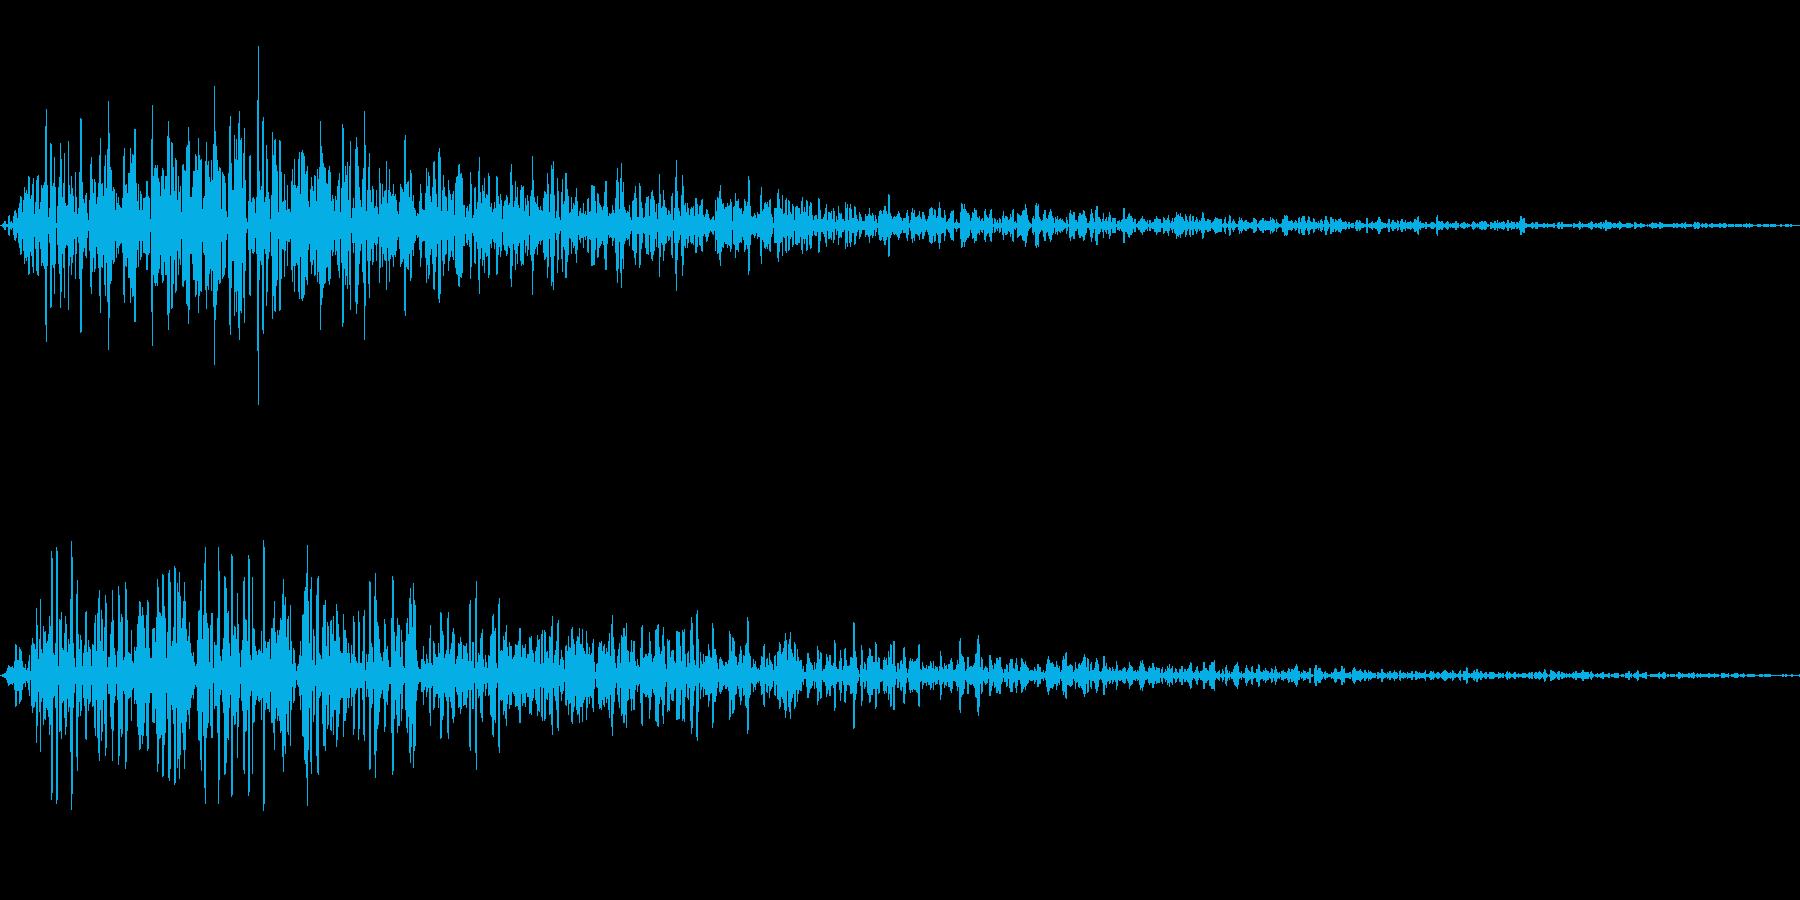 キャンセル、エラー、戻る SEの再生済みの波形